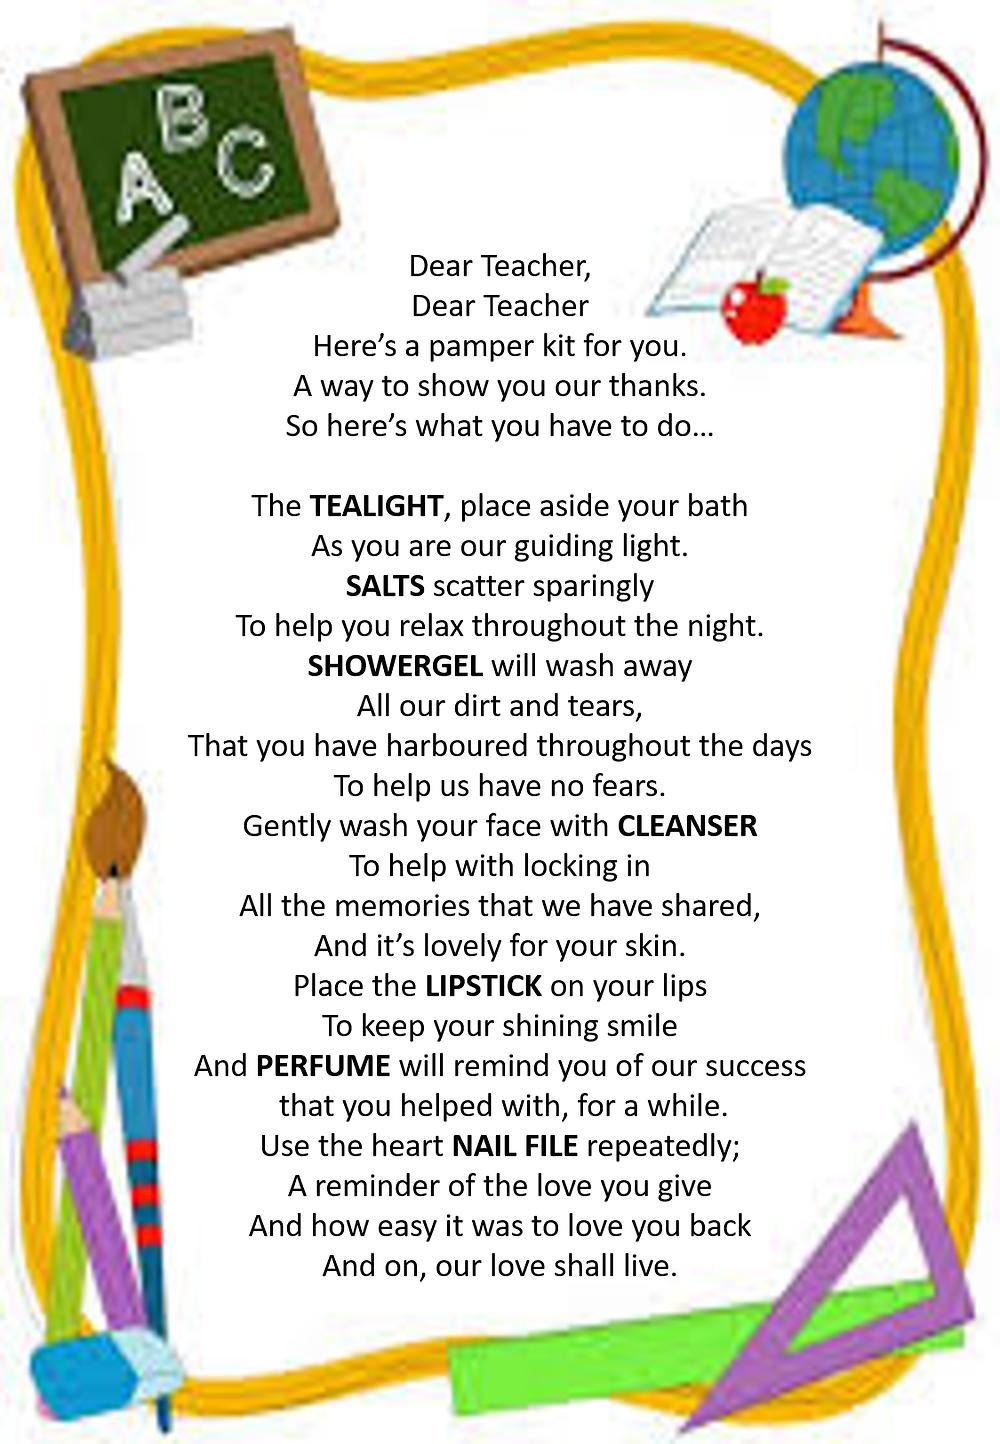 Avon Teacher Pamper Cone Gift Poem